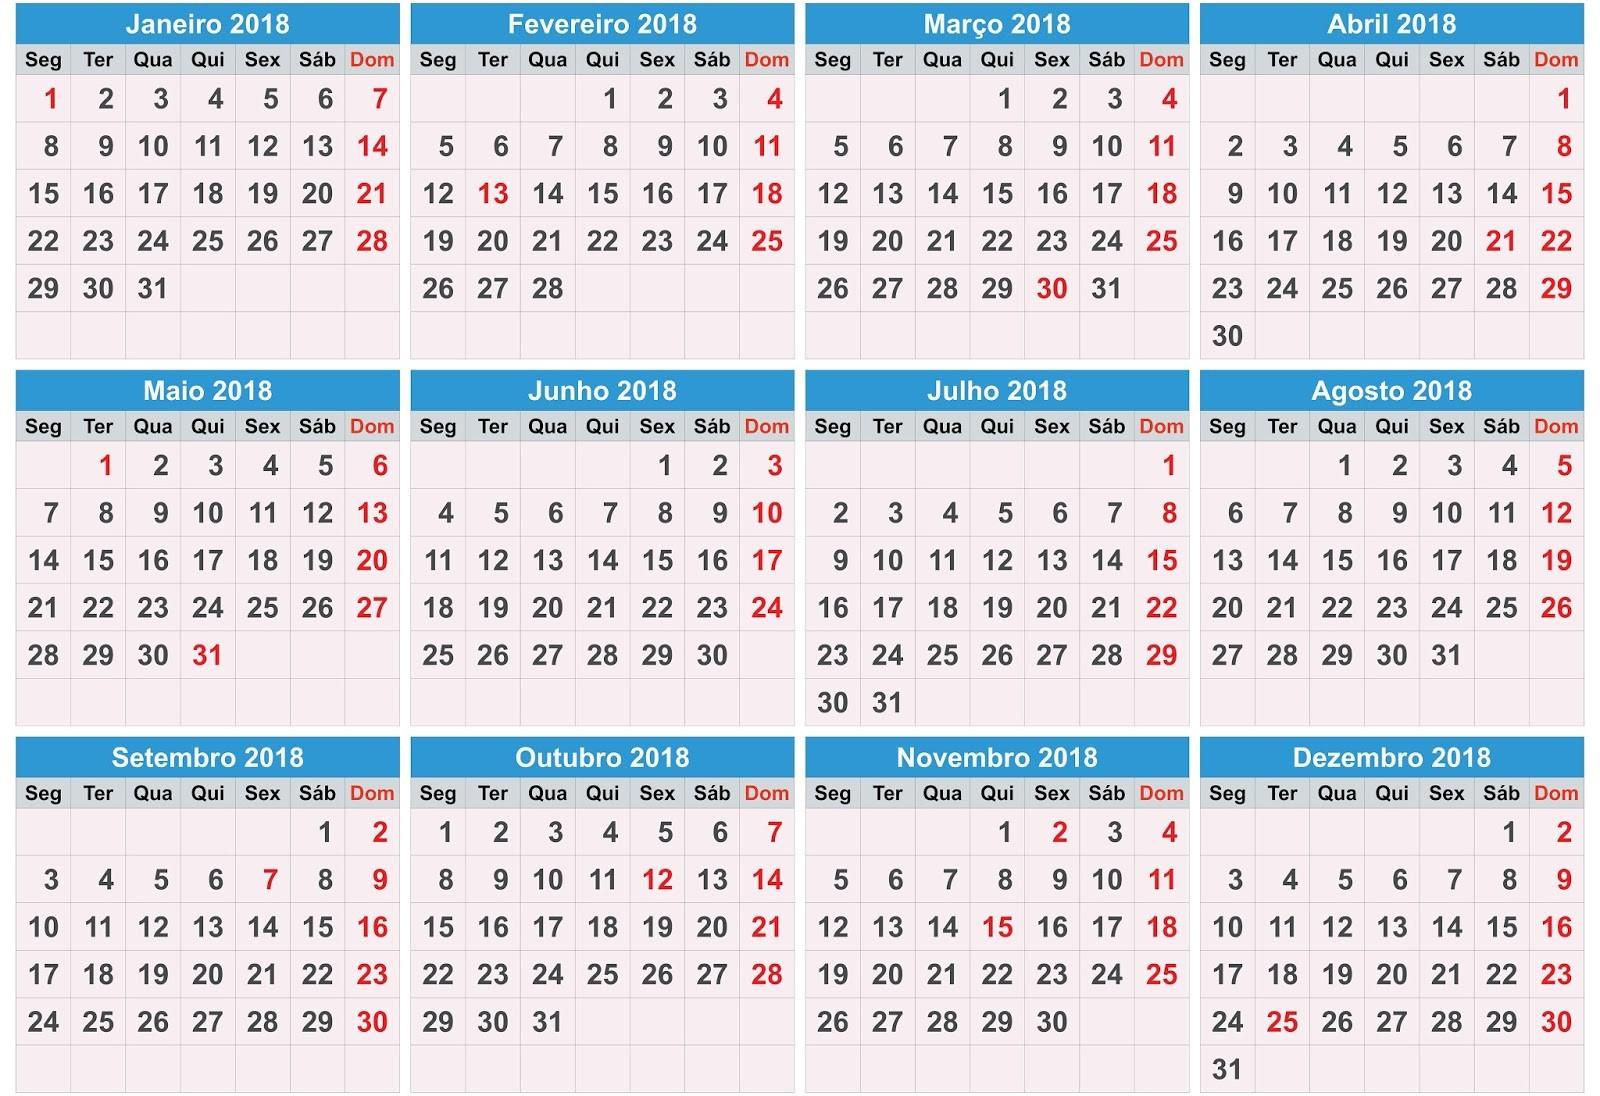 calendario de datas emorativas 2018